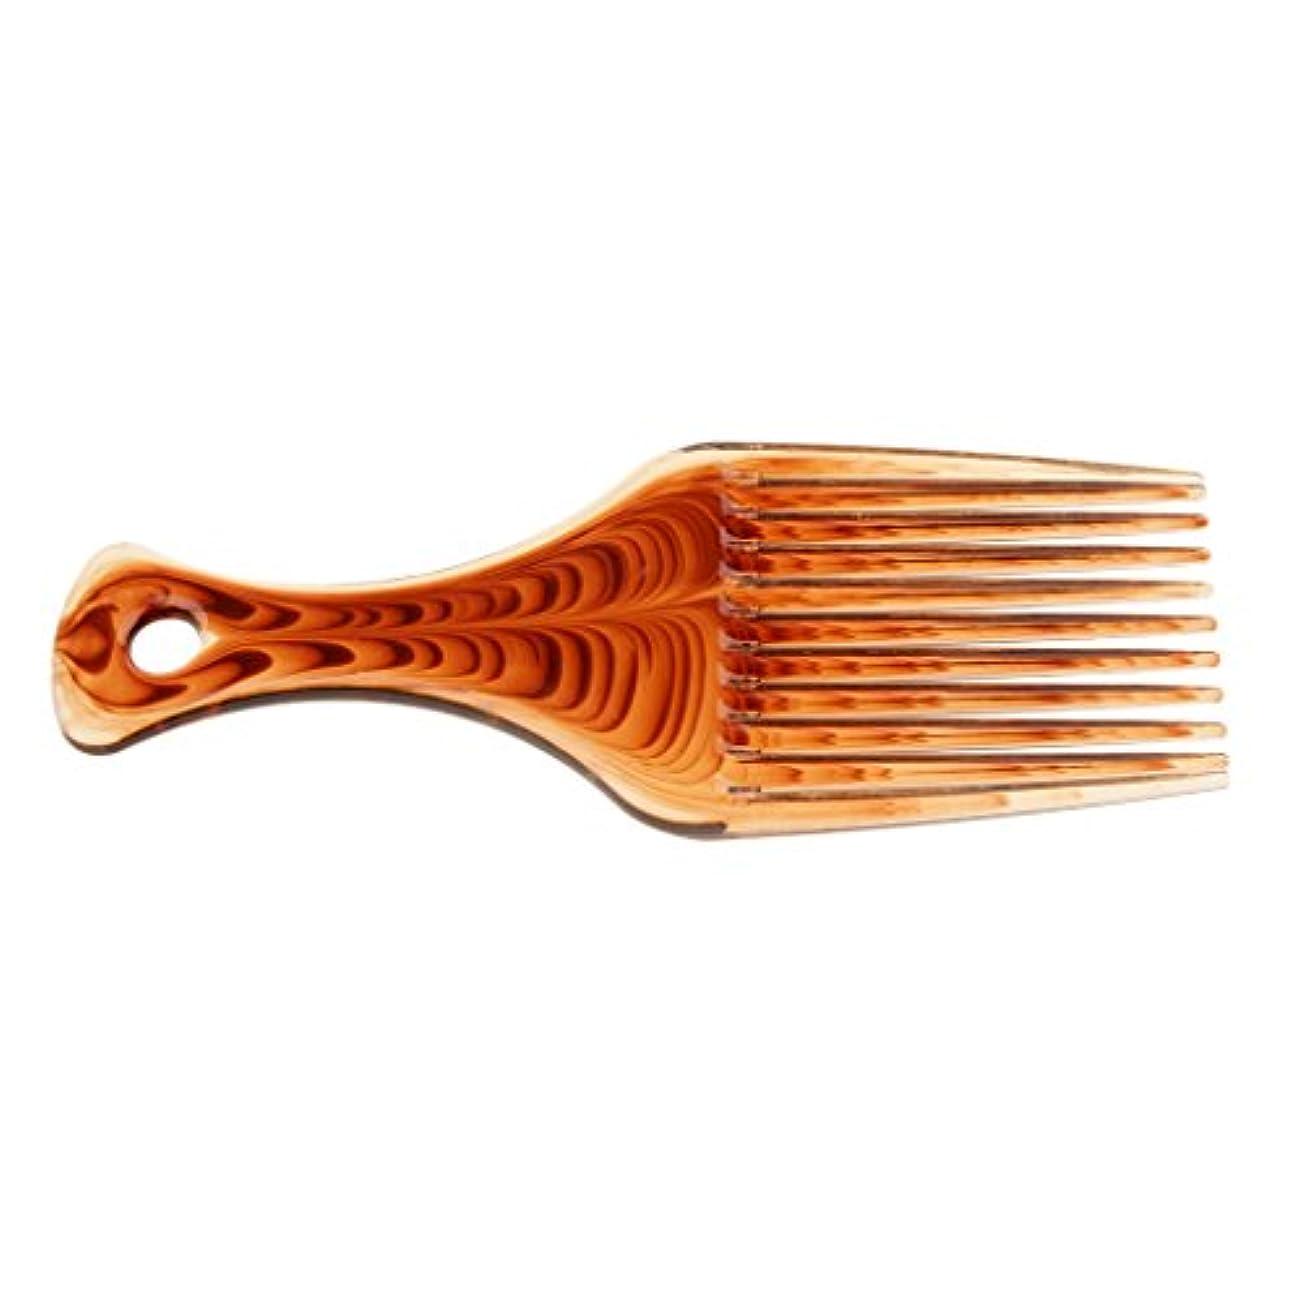 雰囲気アラブ人尽きるPerfk ヘアブラシ 髪の櫛 プラスチック製 サロン バリバー アフロ ヘアピック ブラシ 櫛